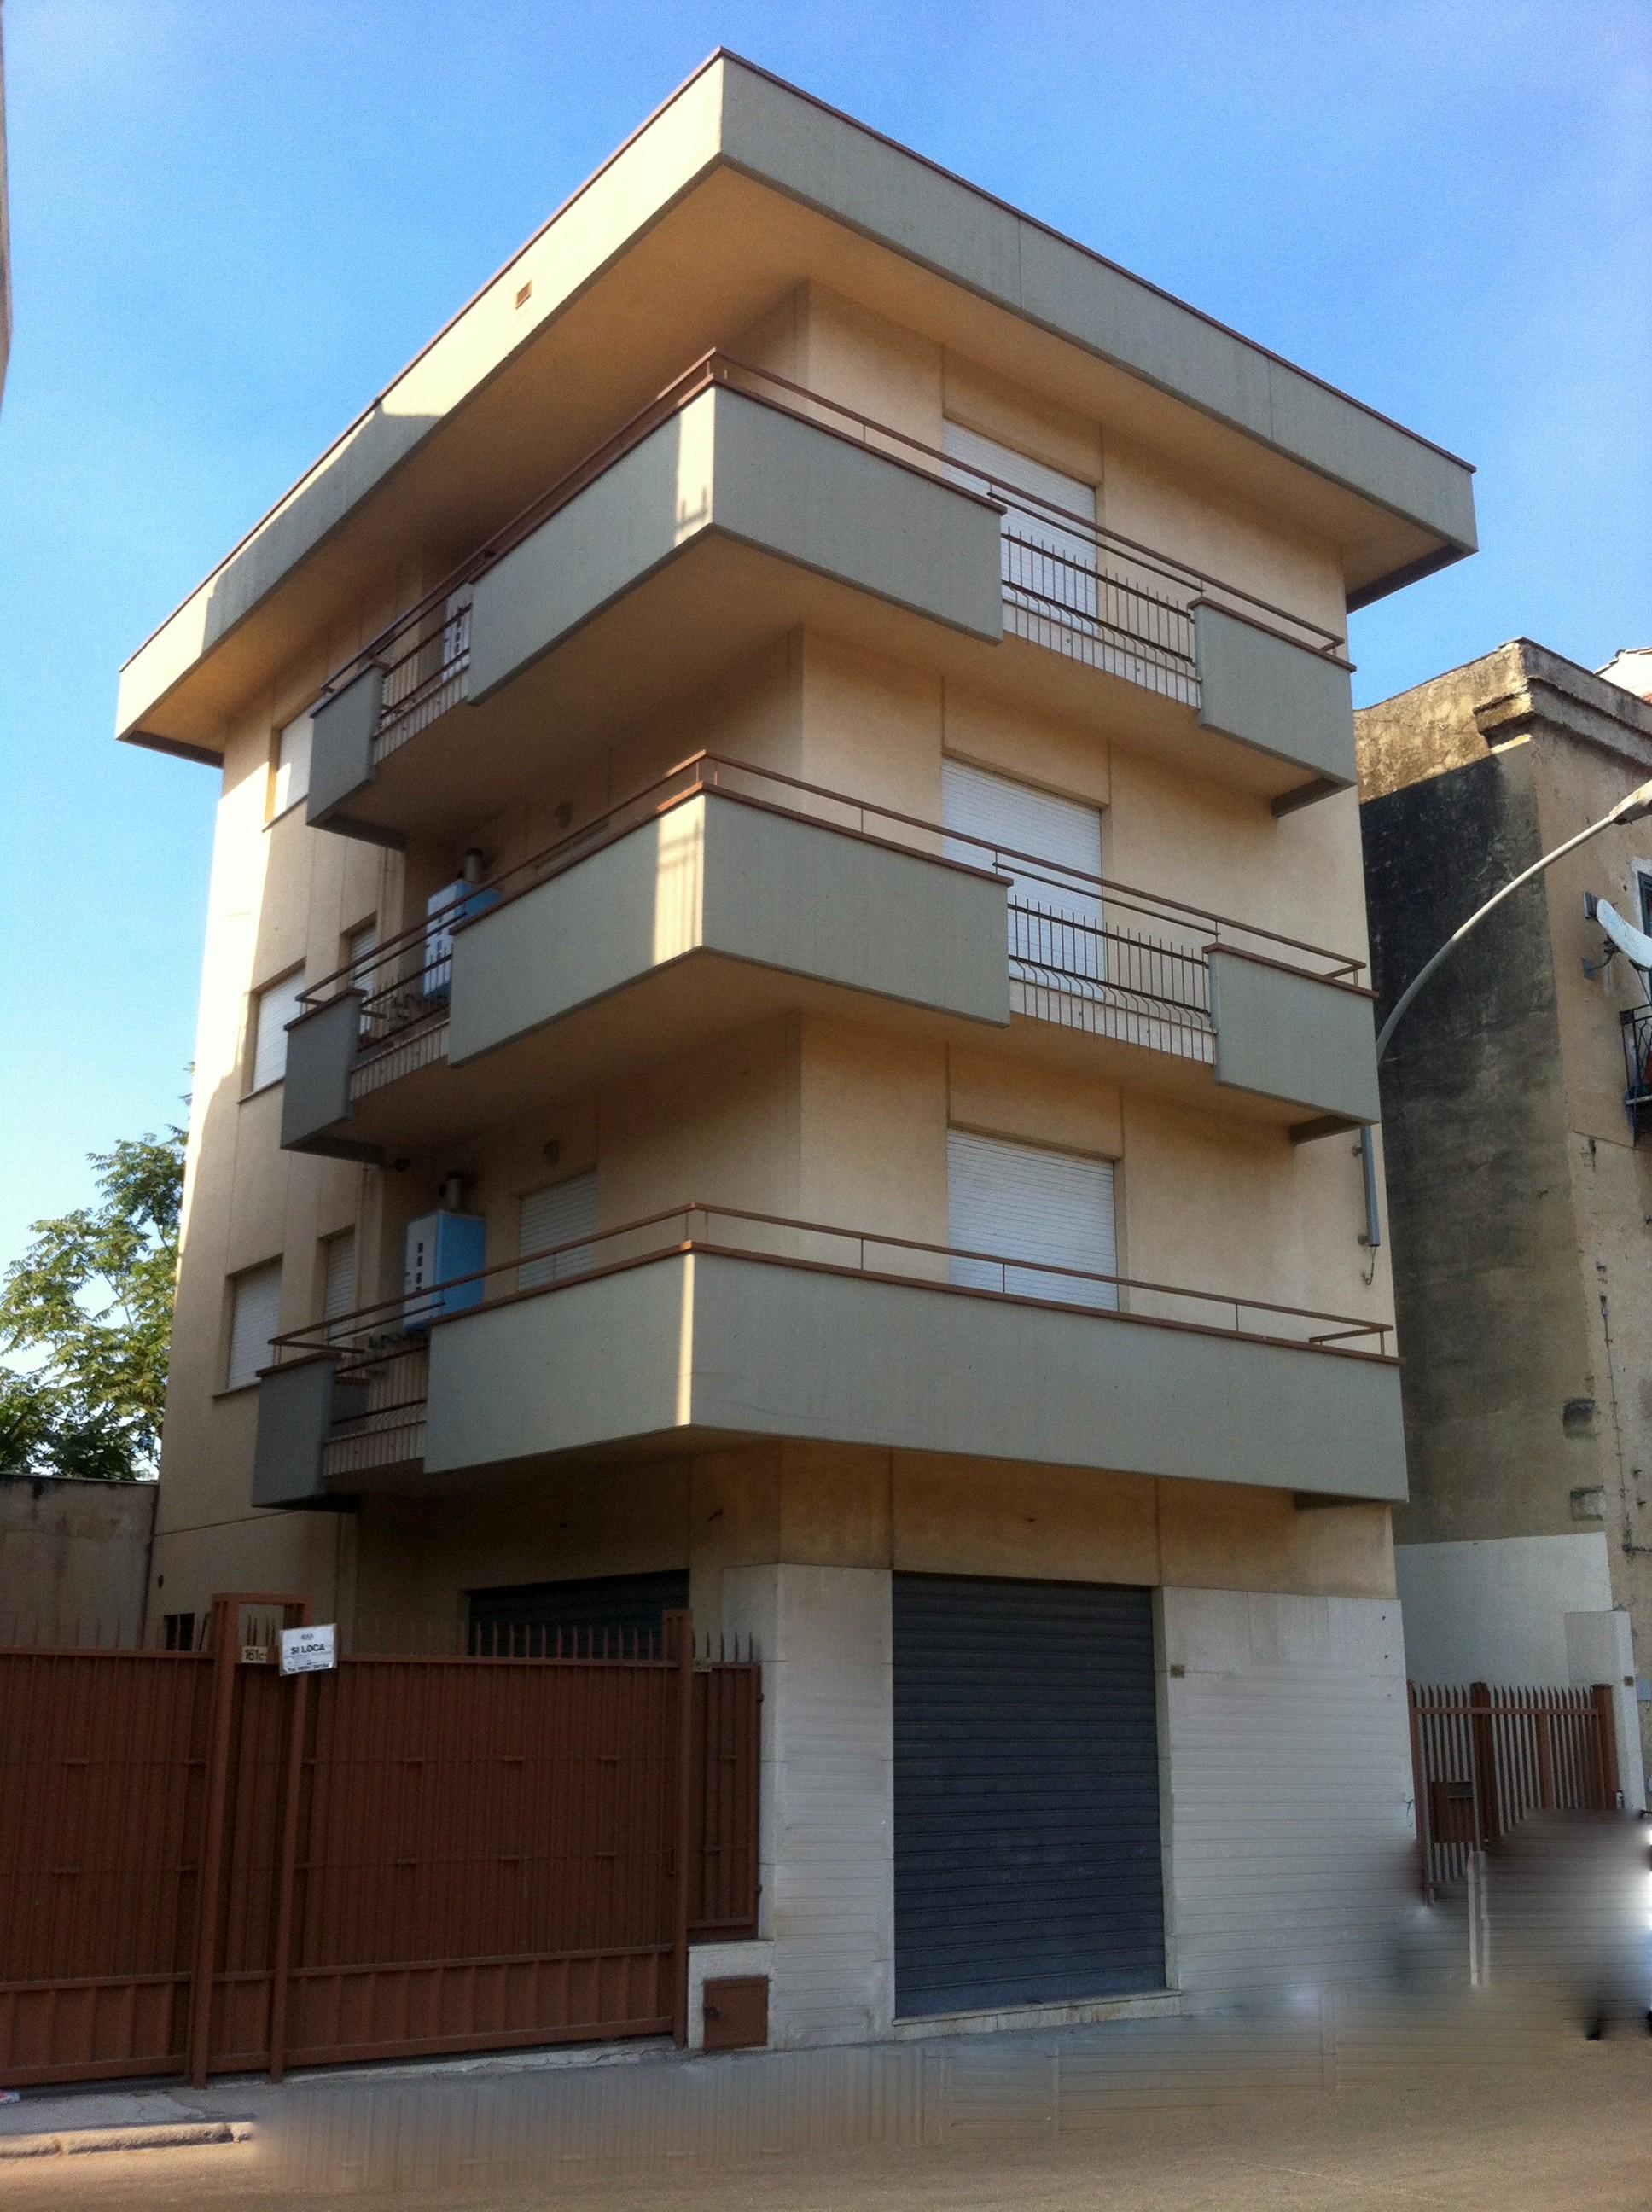 Appartamento in affitto per studenti o lavoratori a Palermo